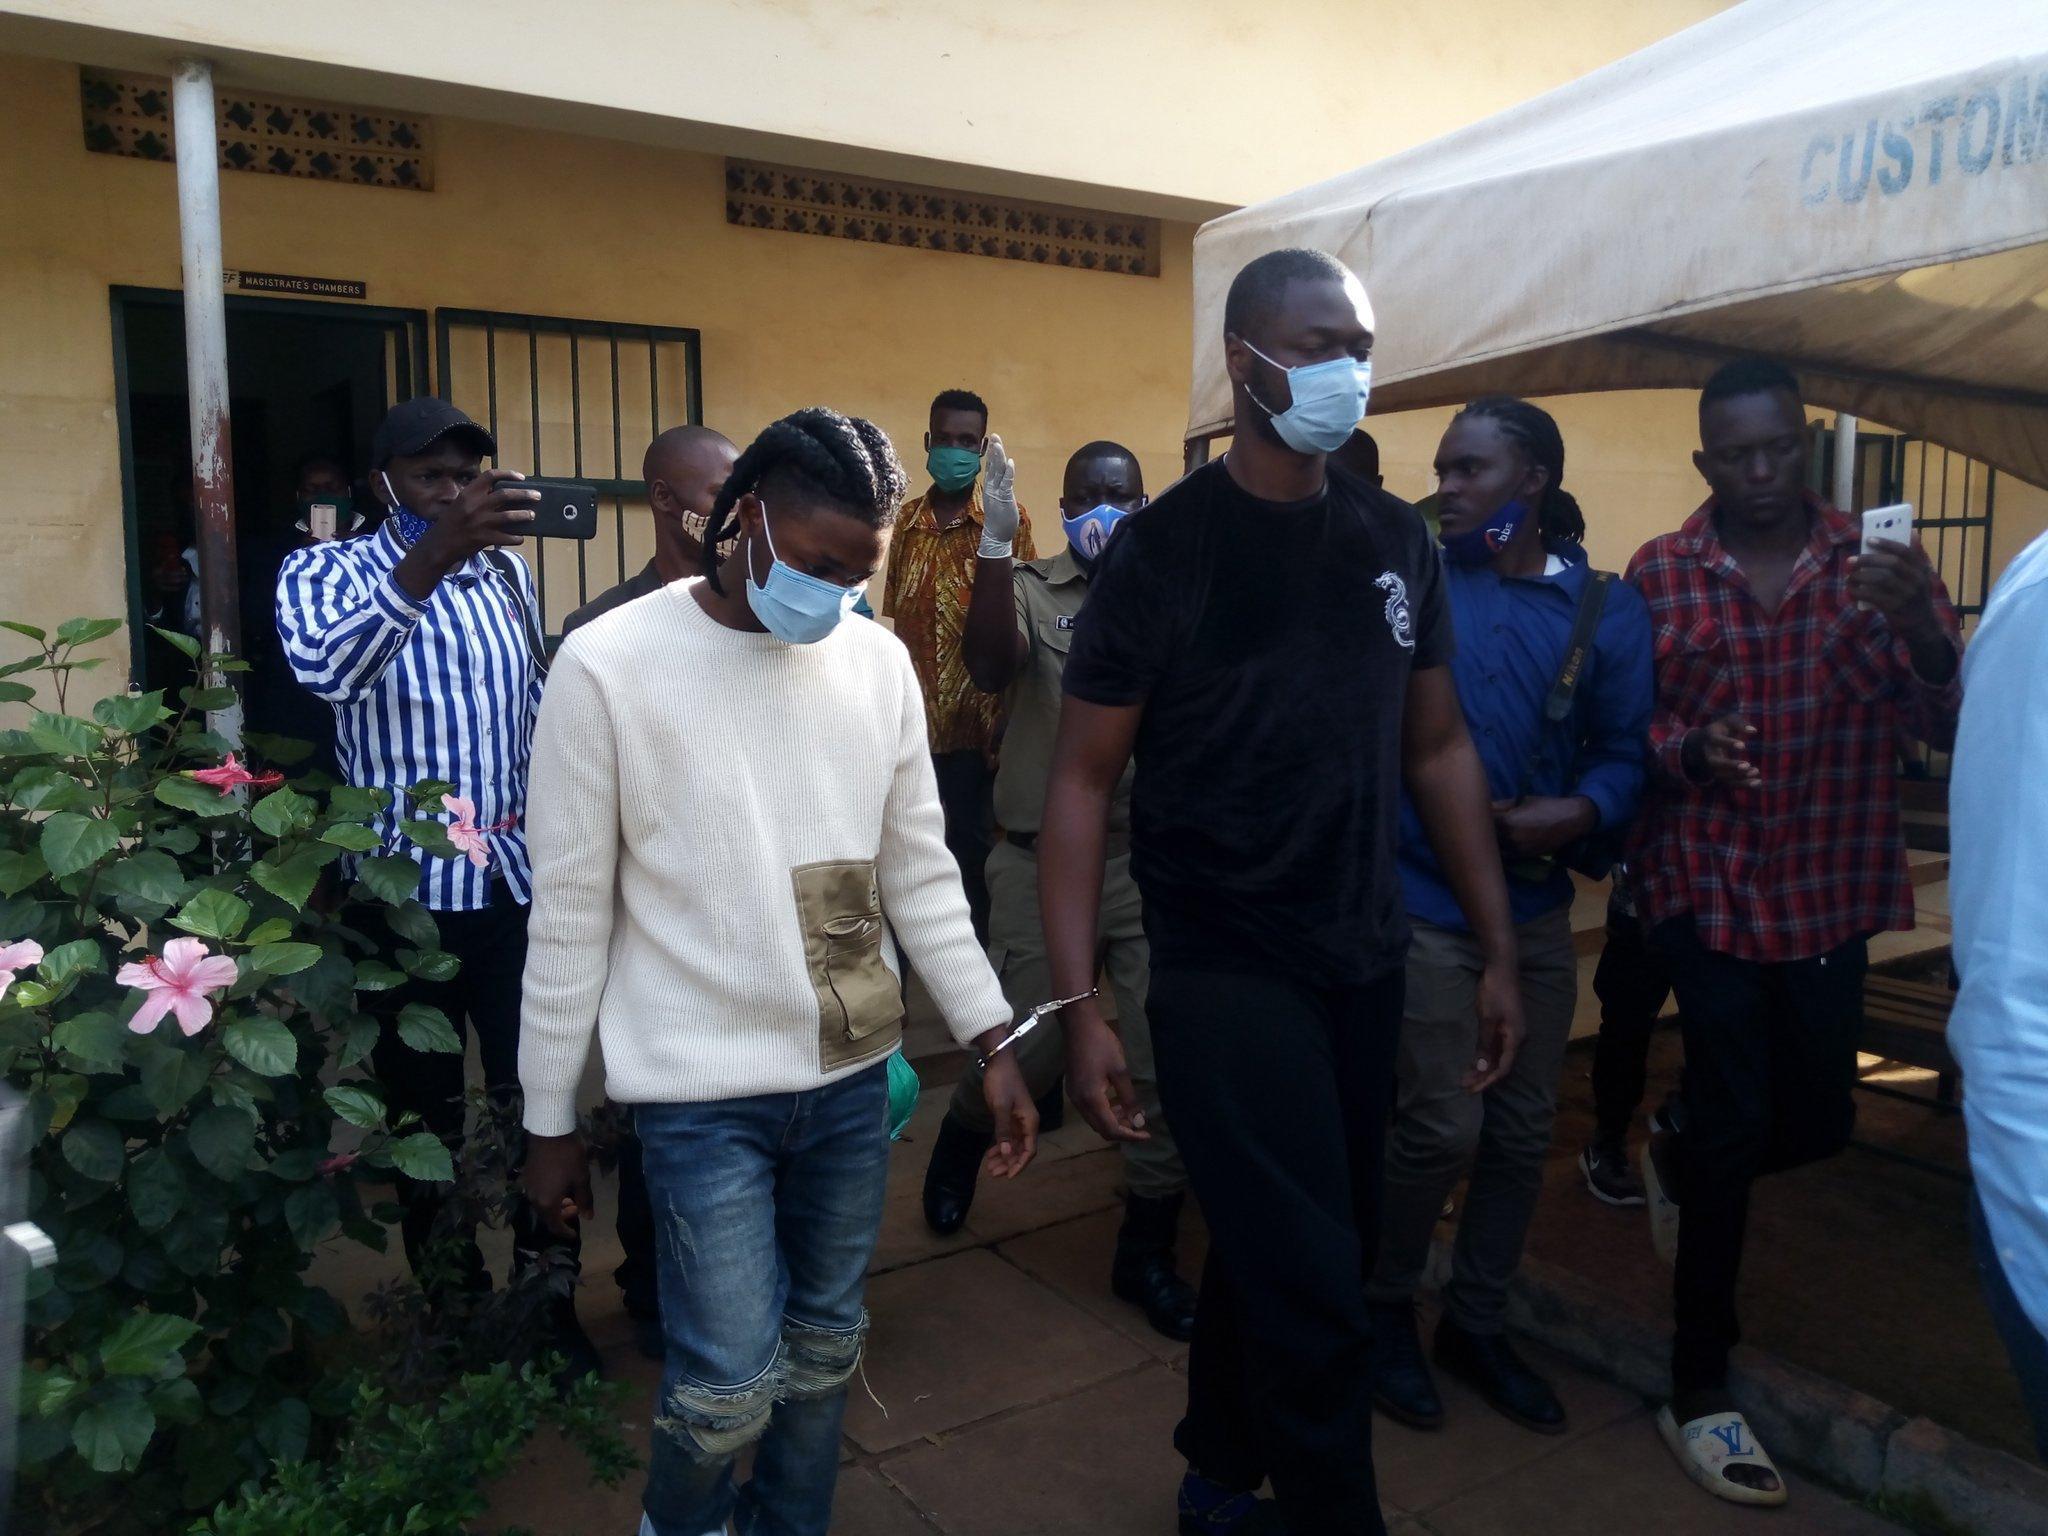 Omah Lay goes to prison in Uganda